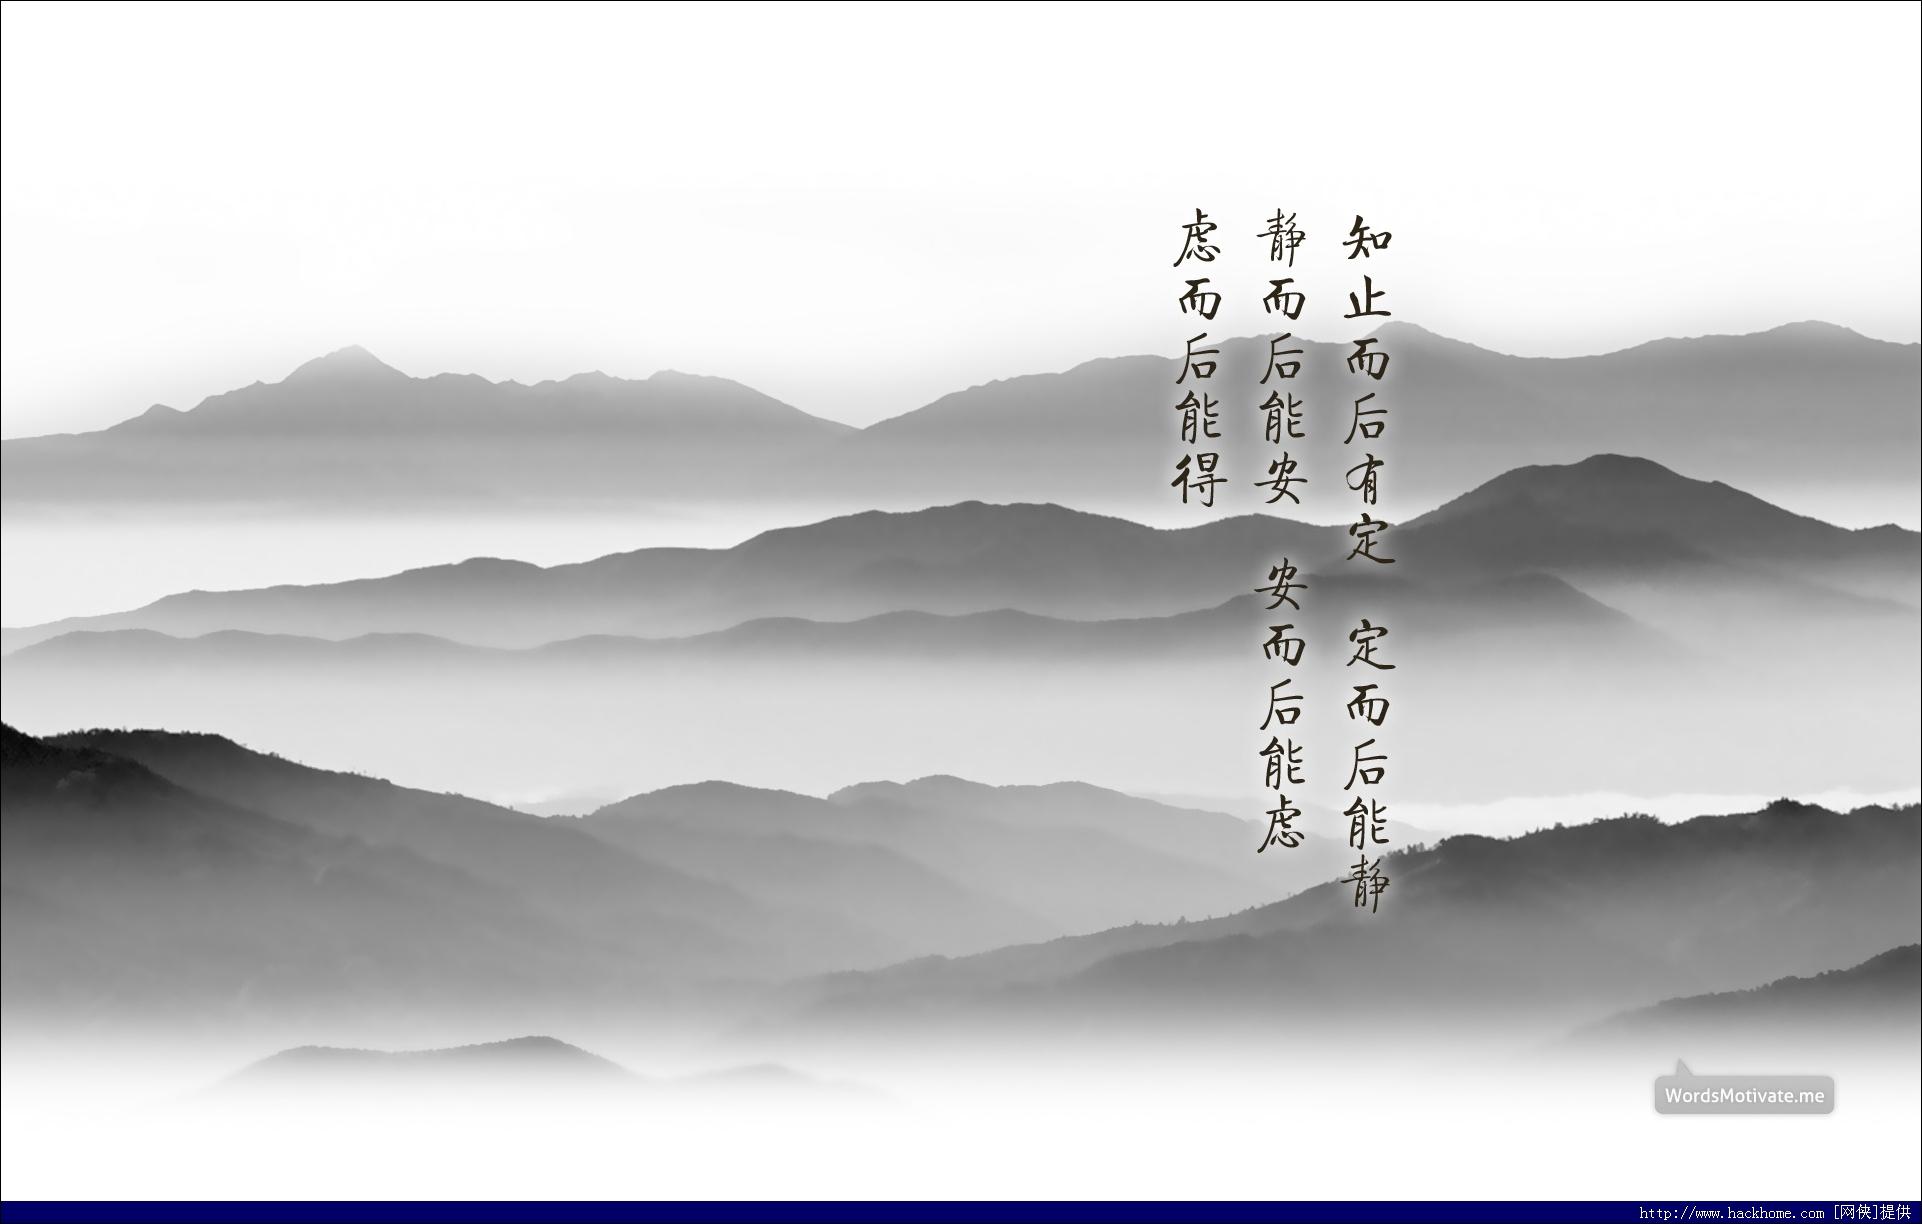 poco软件下载_励志壁纸1920×1200【8】[多图] 完整页 - 桌面壁纸 - 嗨客软件下载站